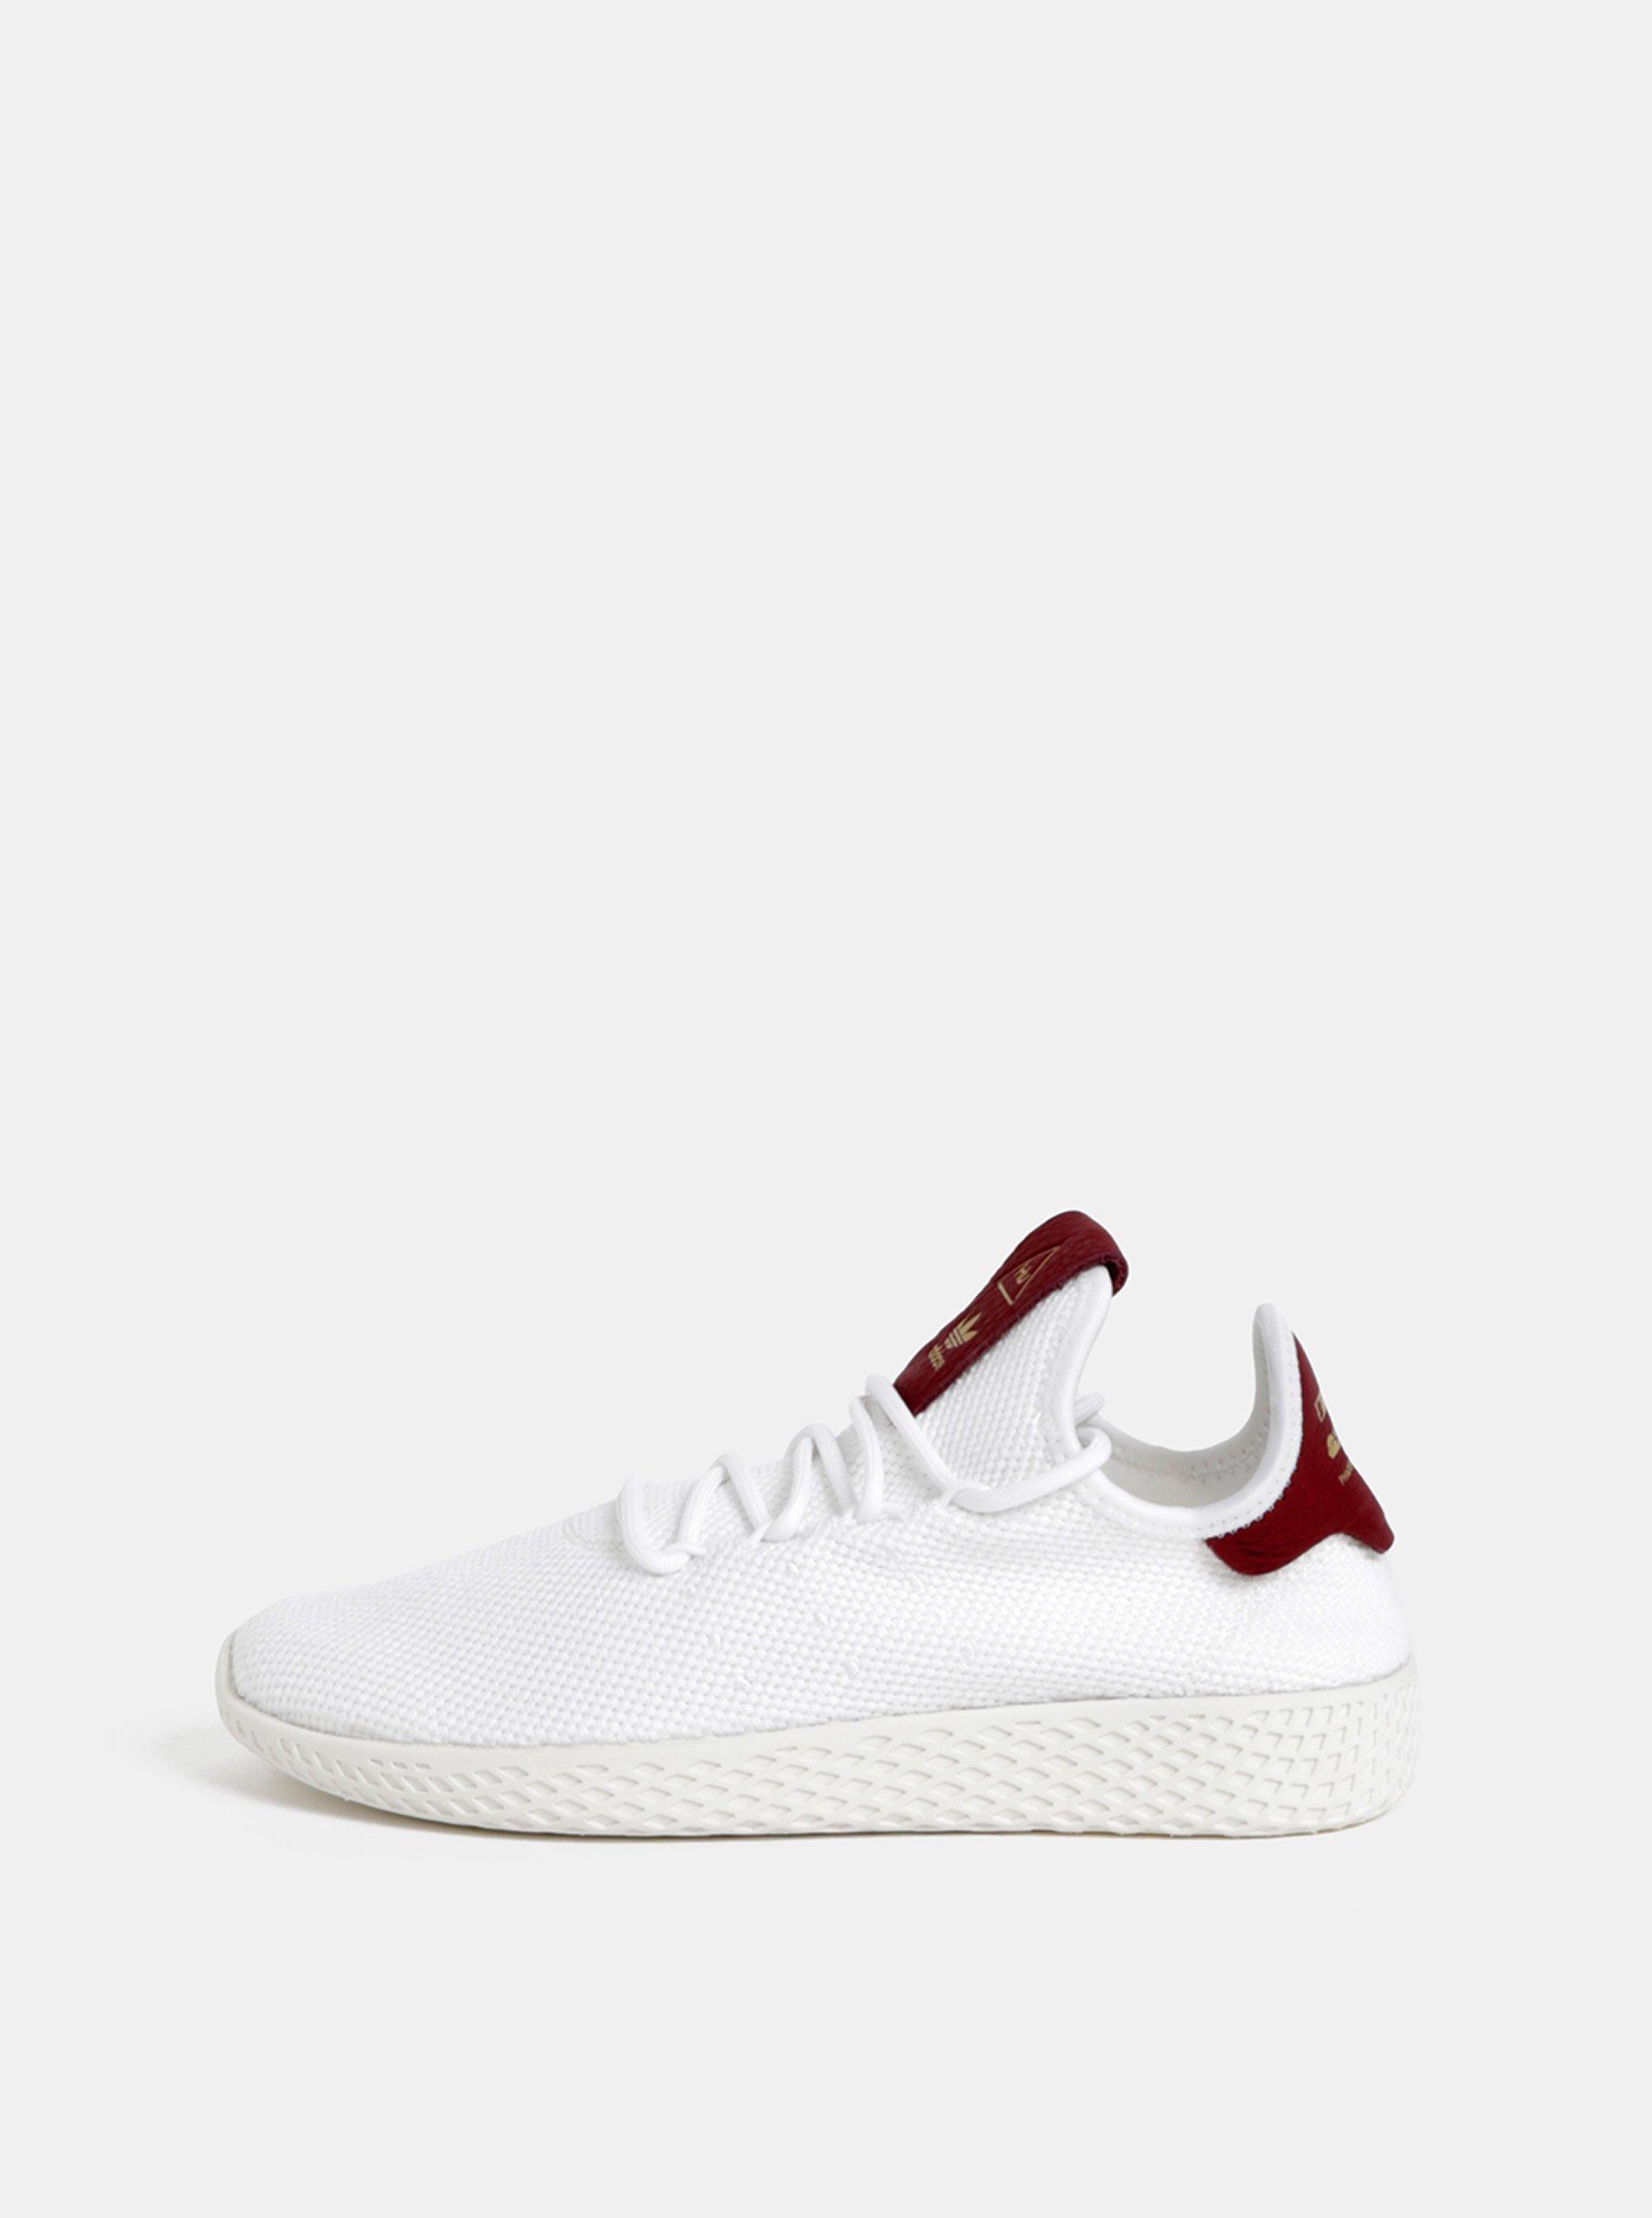 Biele dámske tenisky adidas Originals Tennis